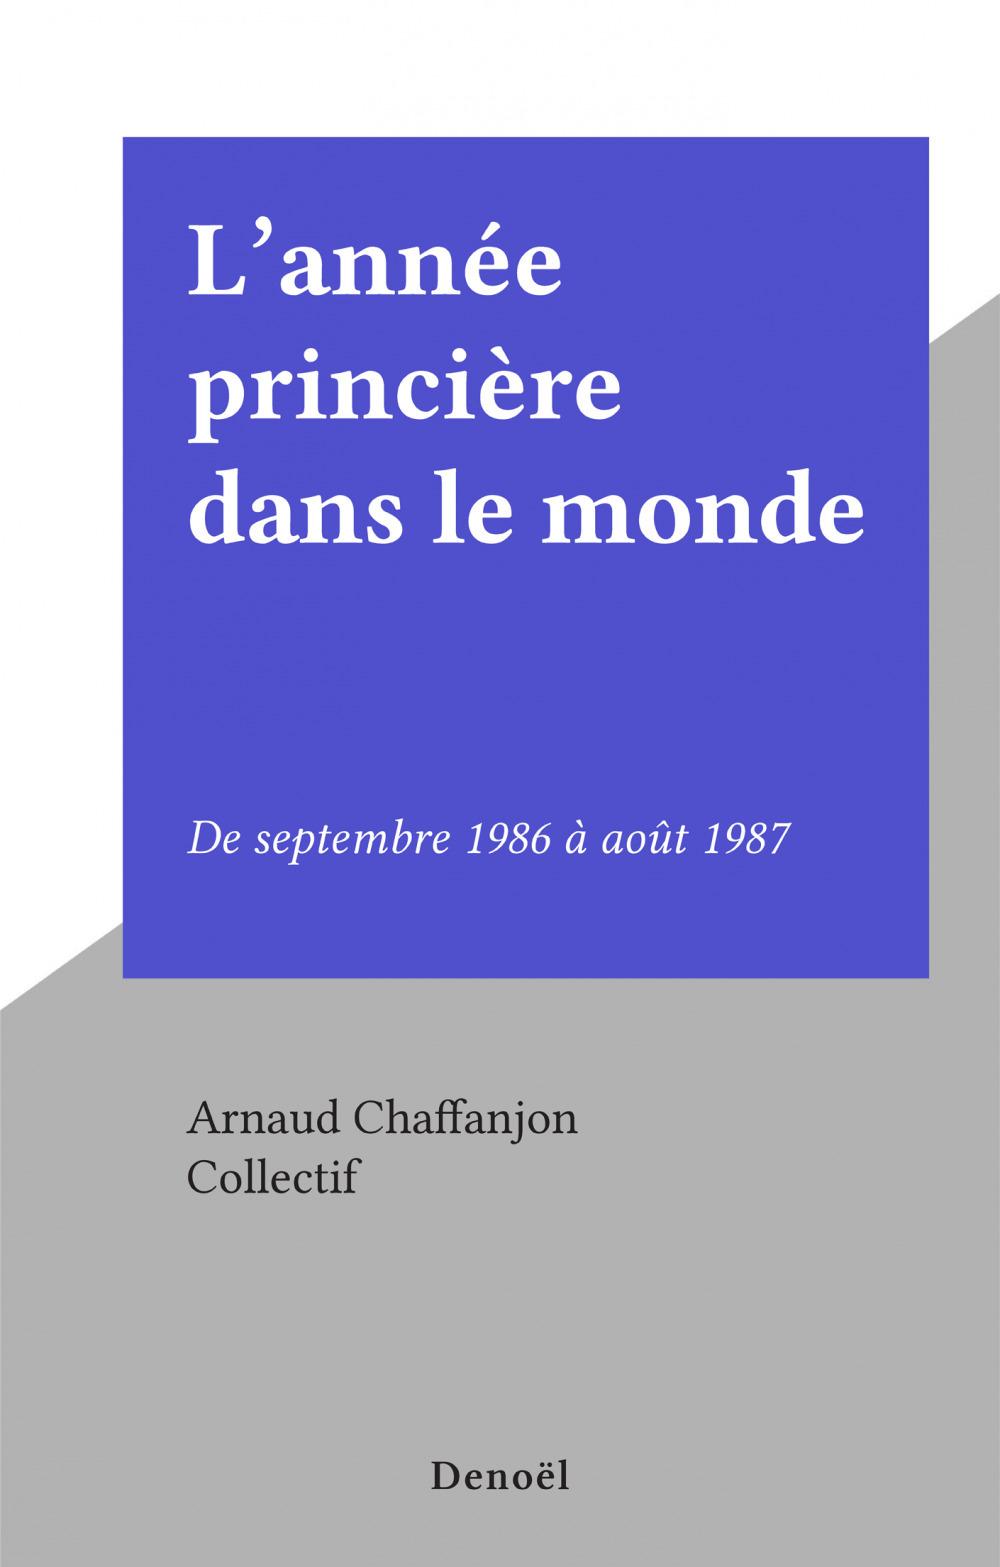 L'annee princiere dans le monde - de septembre 1986 a septembre 1987